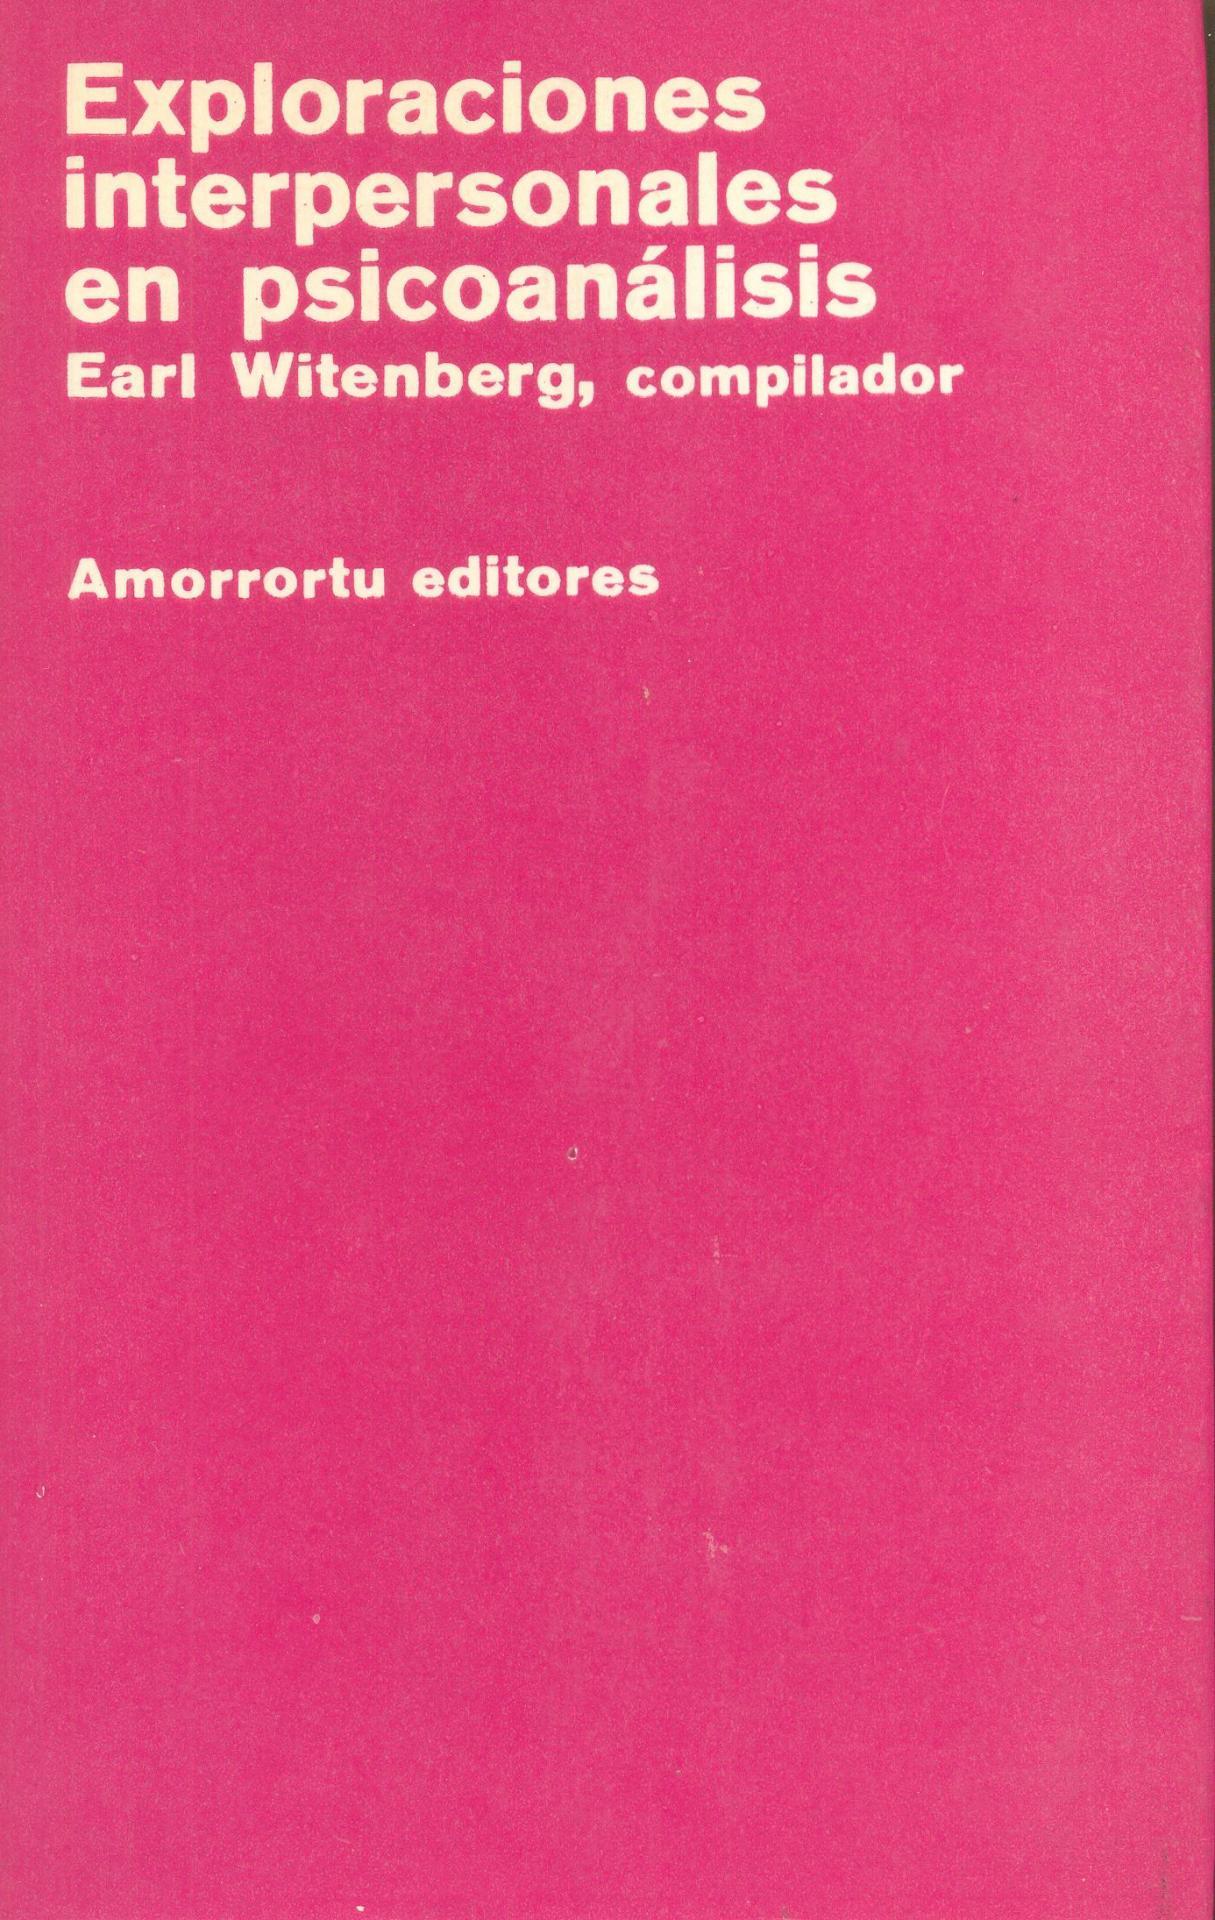 EXPLORACIONES INTERPERSONALES EN  PSICOANÁLISIS. Witenberg, E, compilador.